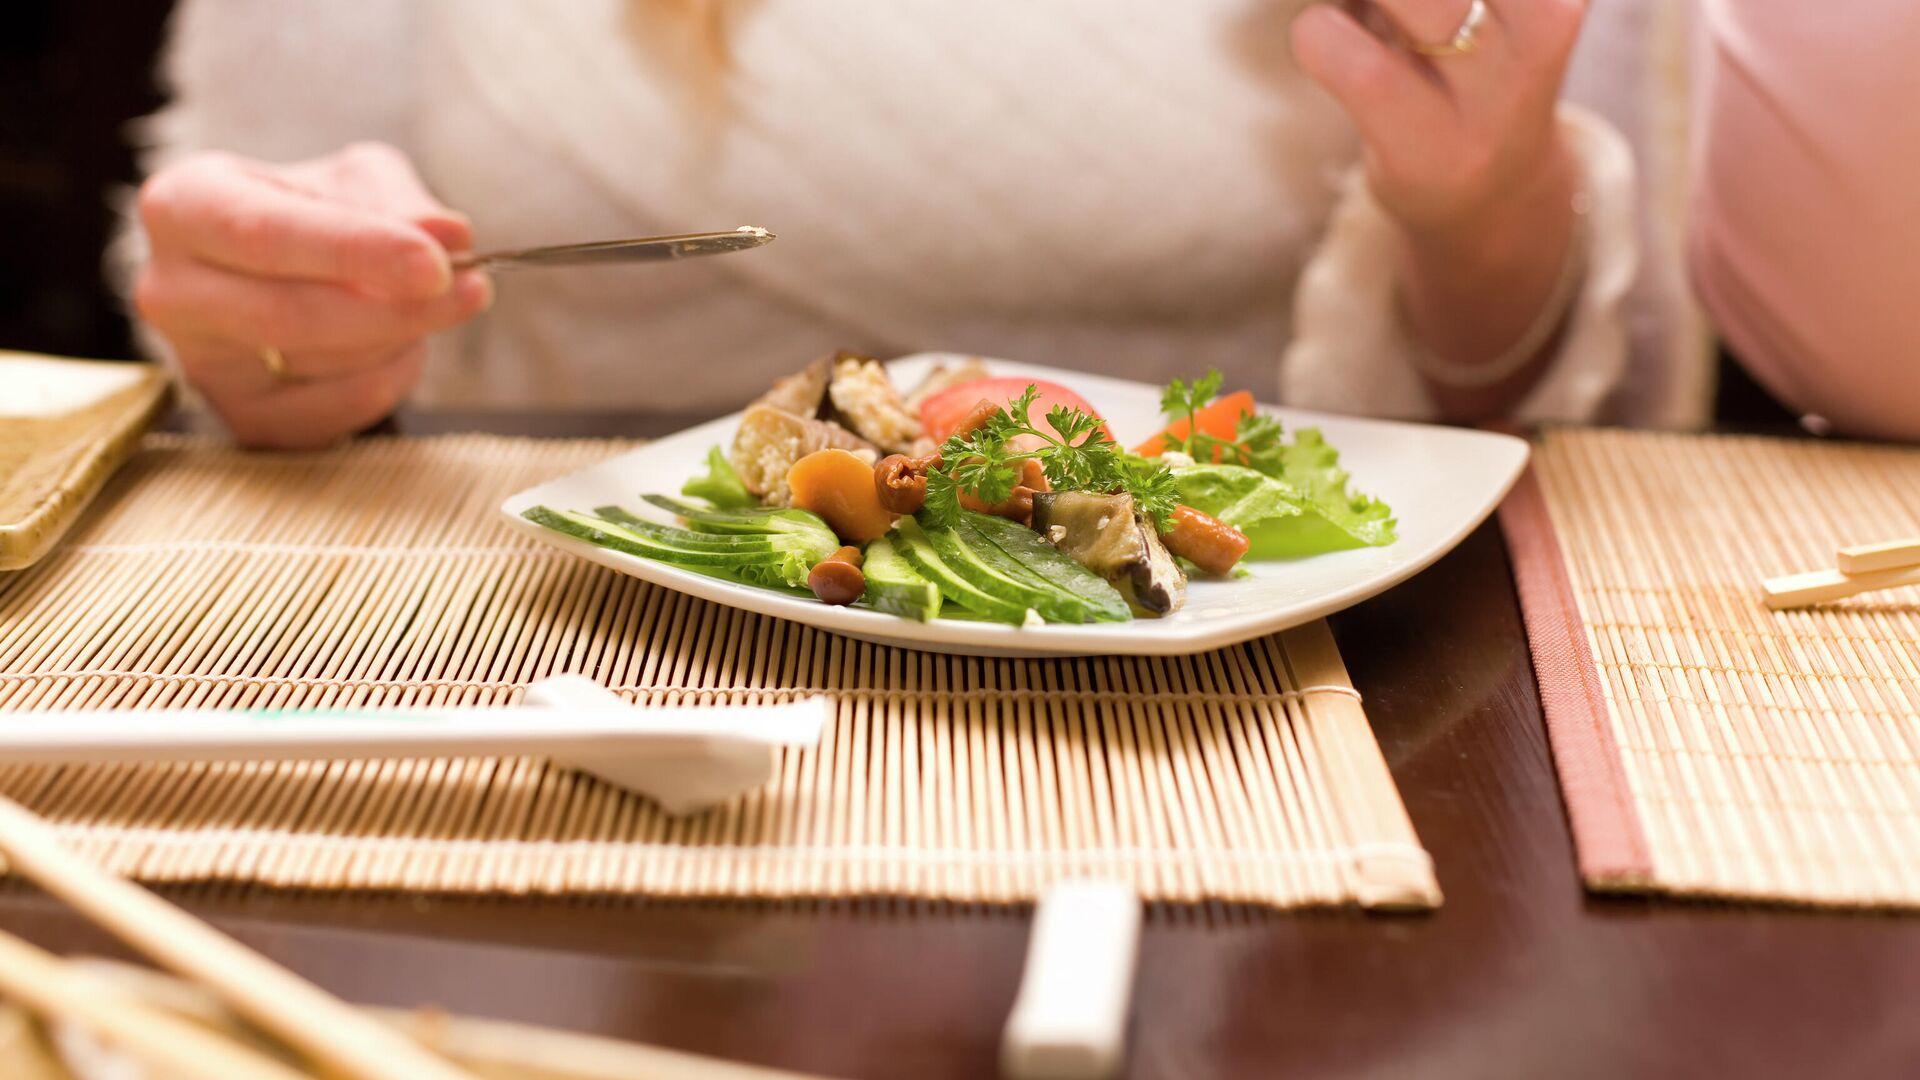 Женщина ест салат в японском ресторане - РИА Новости, 1920, 14.09.2021